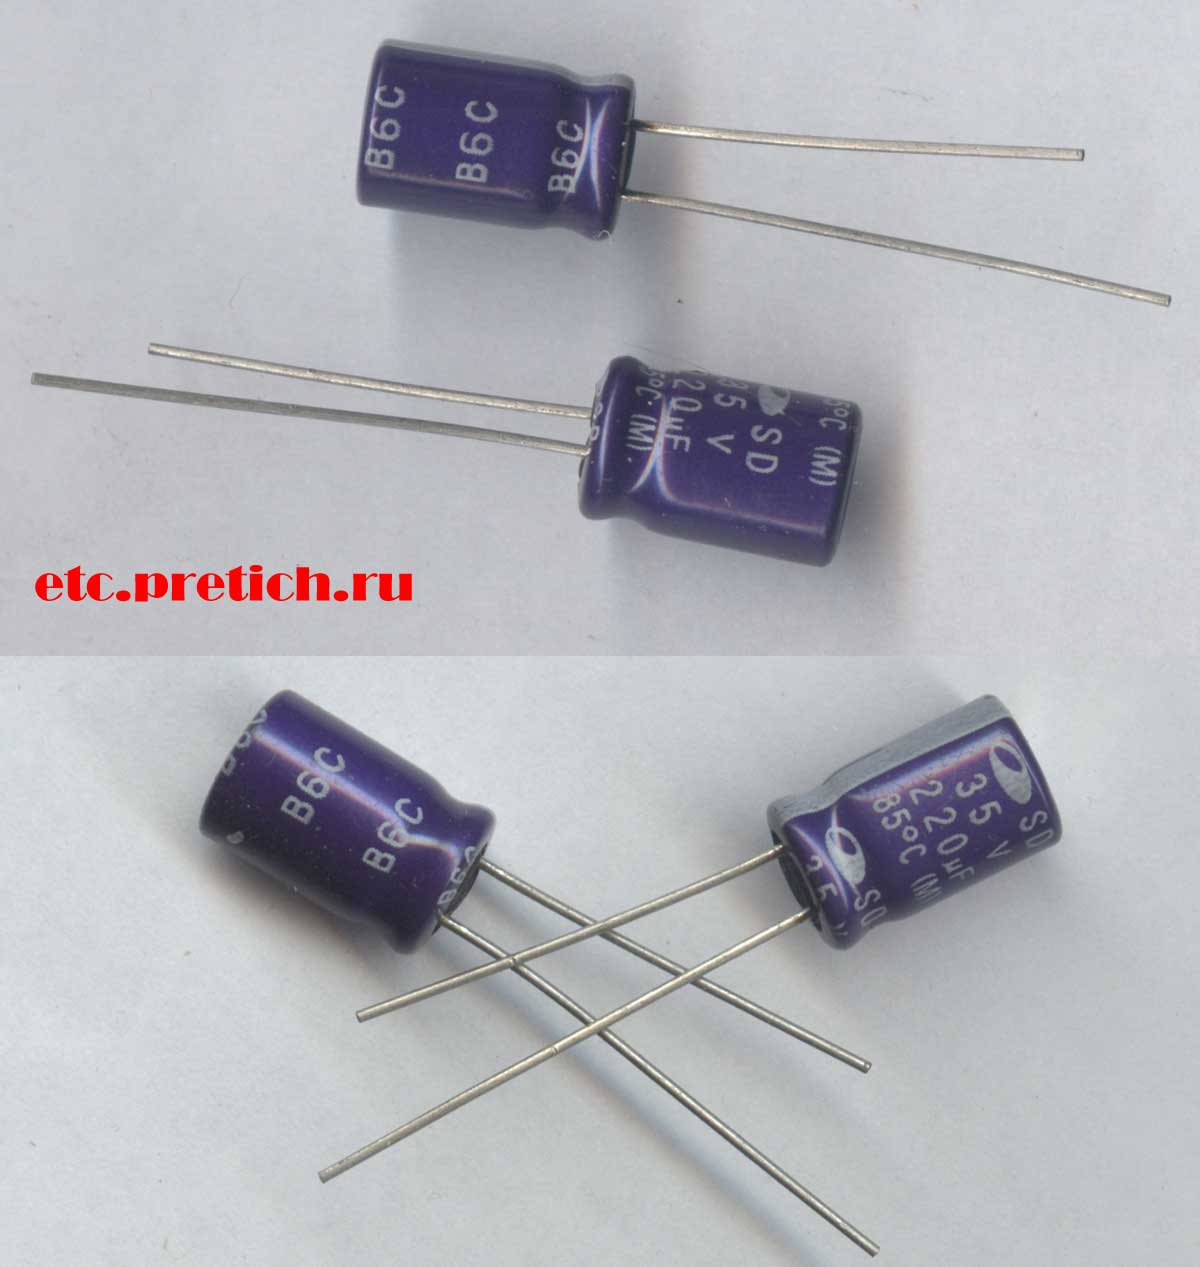 отзыв на конденсатор SAMWHA 220µF 35v алюминиевый электролитический